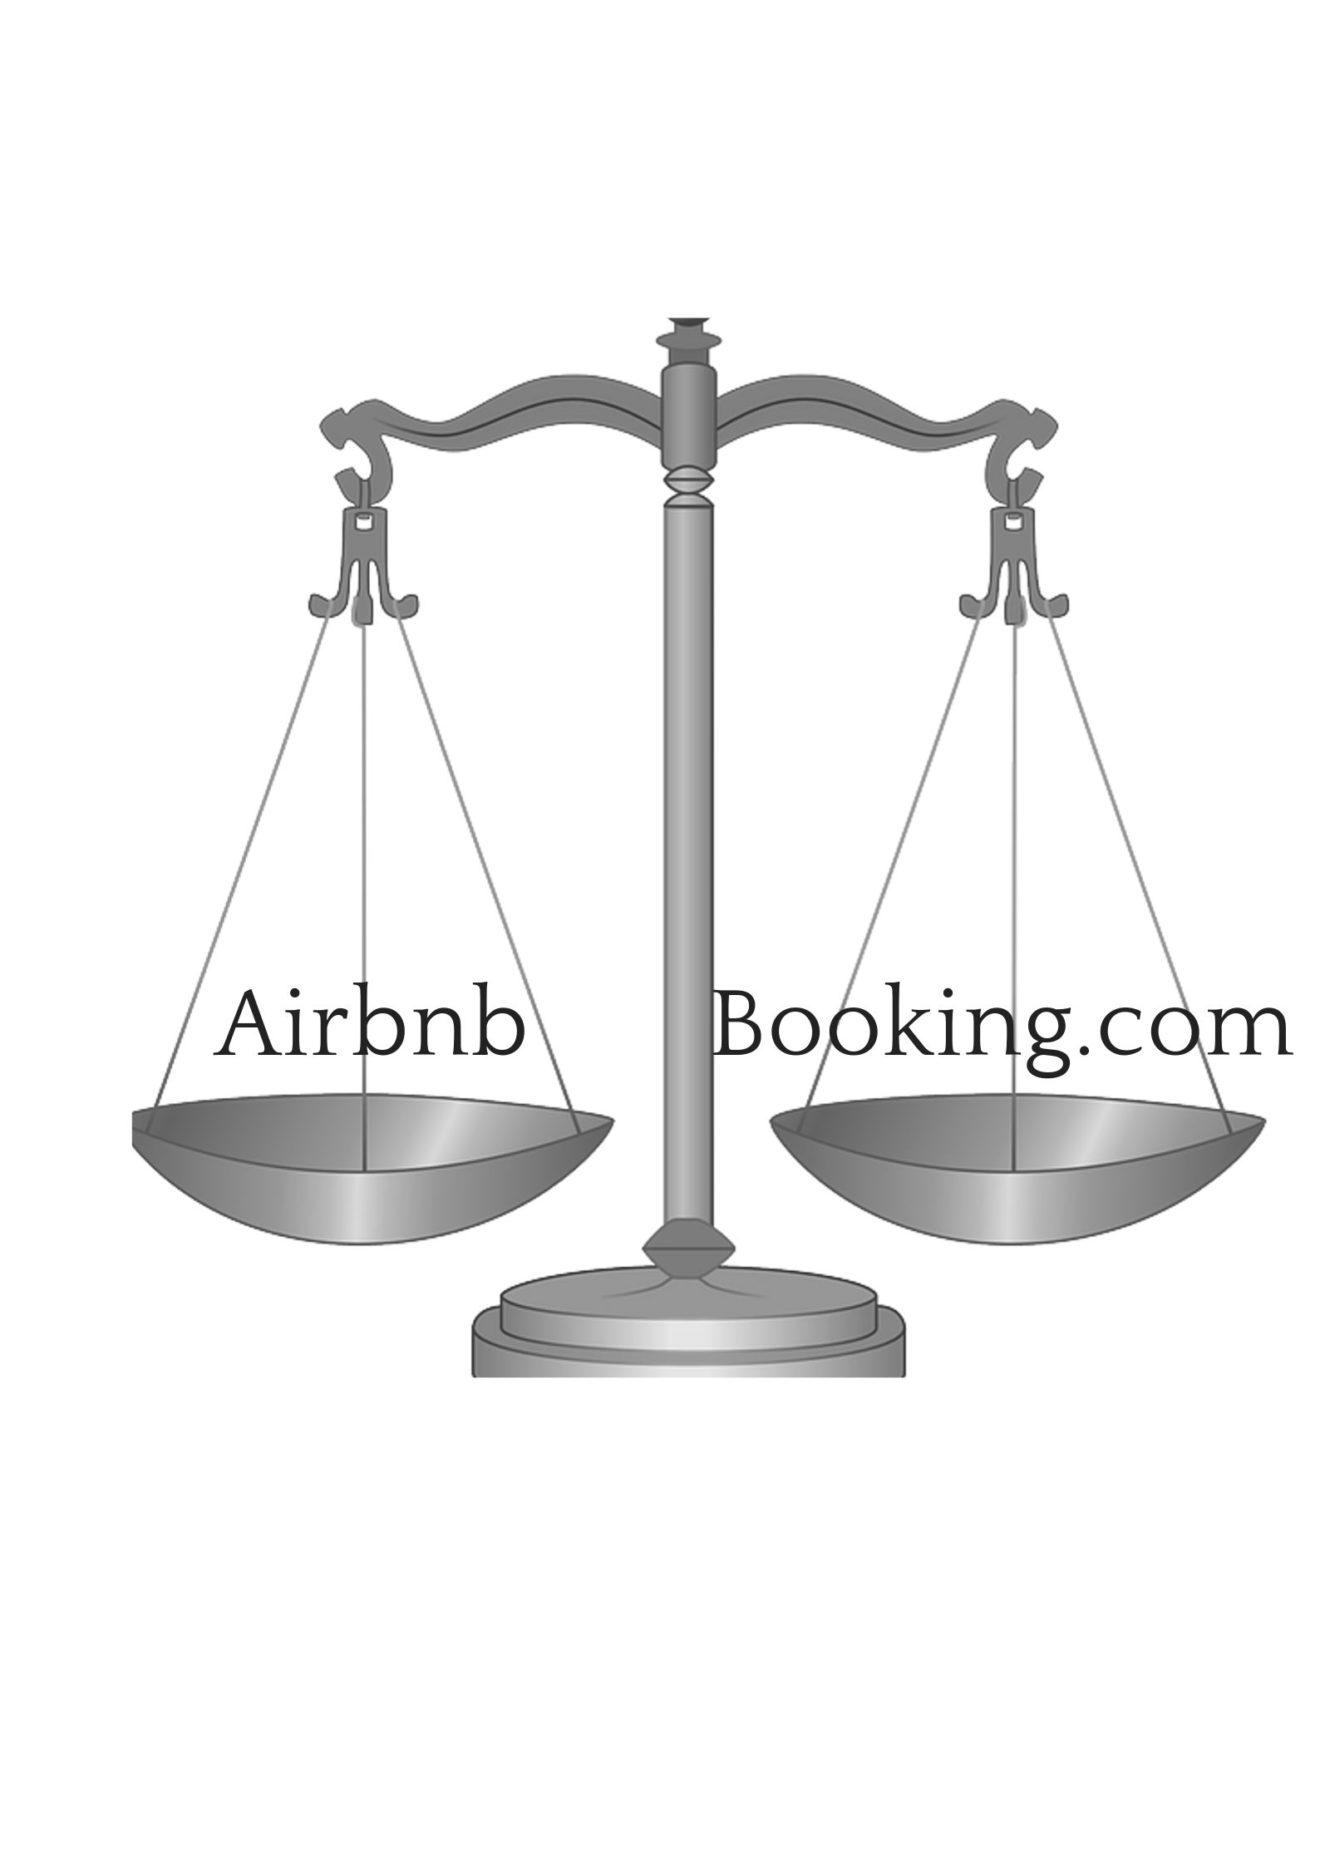 Comparaison Airbnb et booking